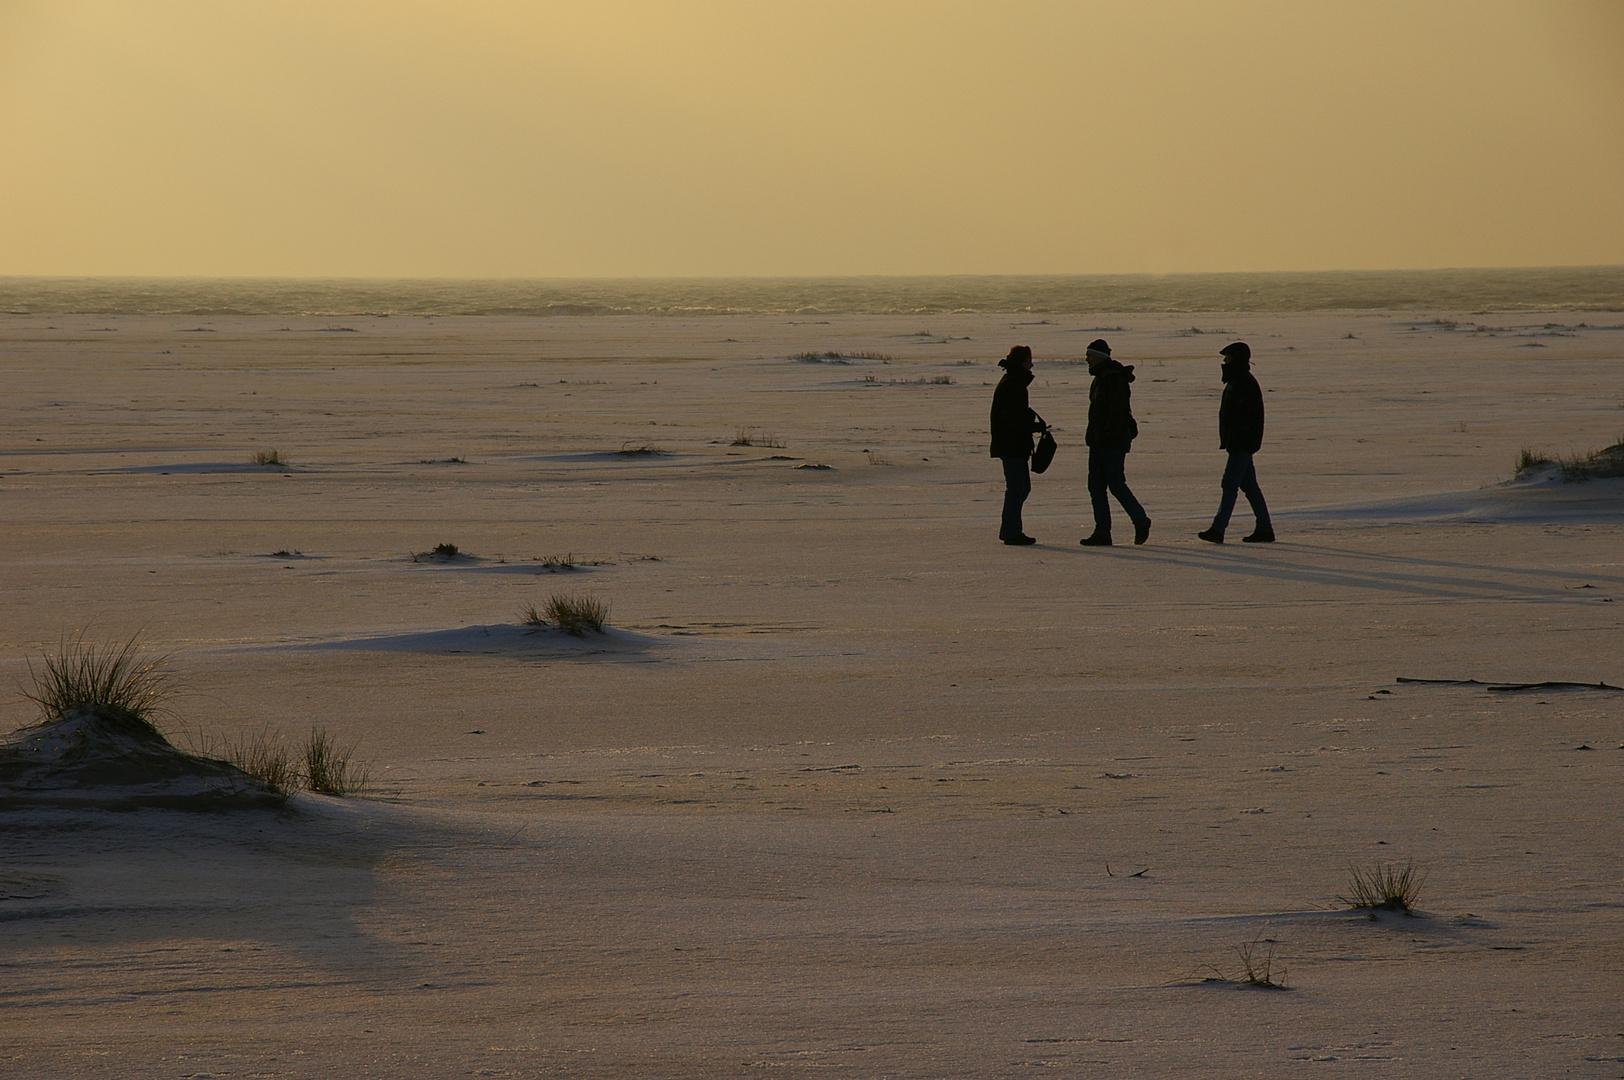 Es ist keine Marslandung, sondern nur Winter an der Nordsee